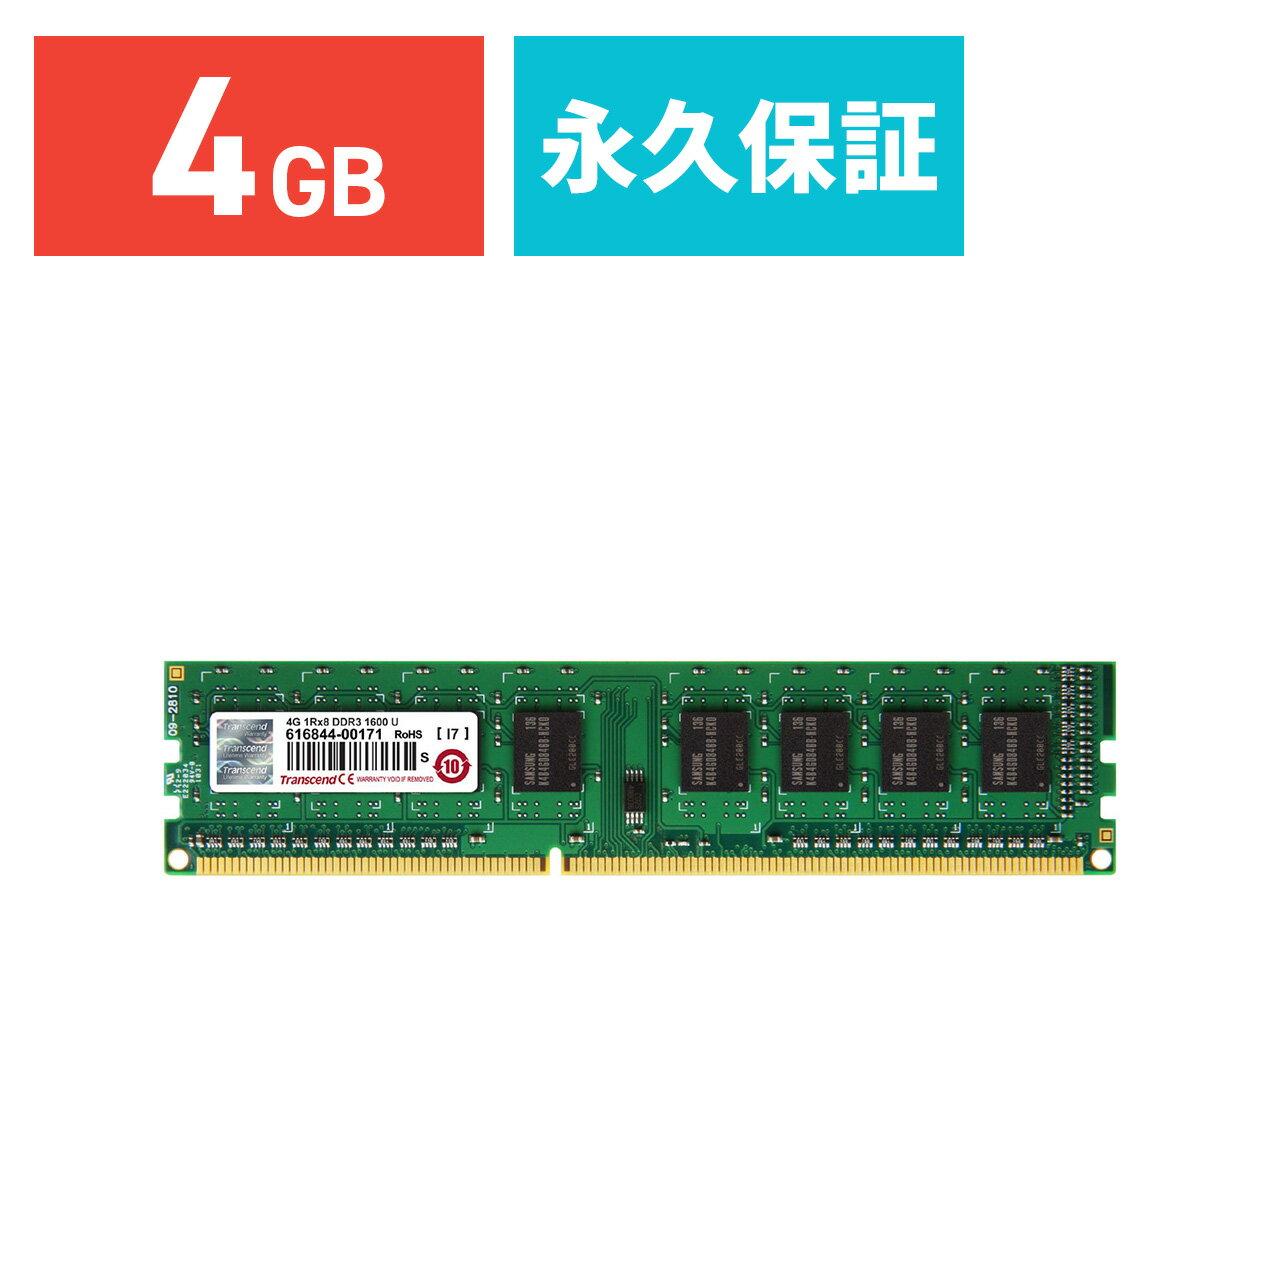 【ネコポス専用】Transcend 増設メモリー 4GB デスクトップ用 DDR3-1600 PC3-12800 1.5V DIMM 240pin PCメモリ メモリーモジュール [TS512MLK64V6H]【送料無料】